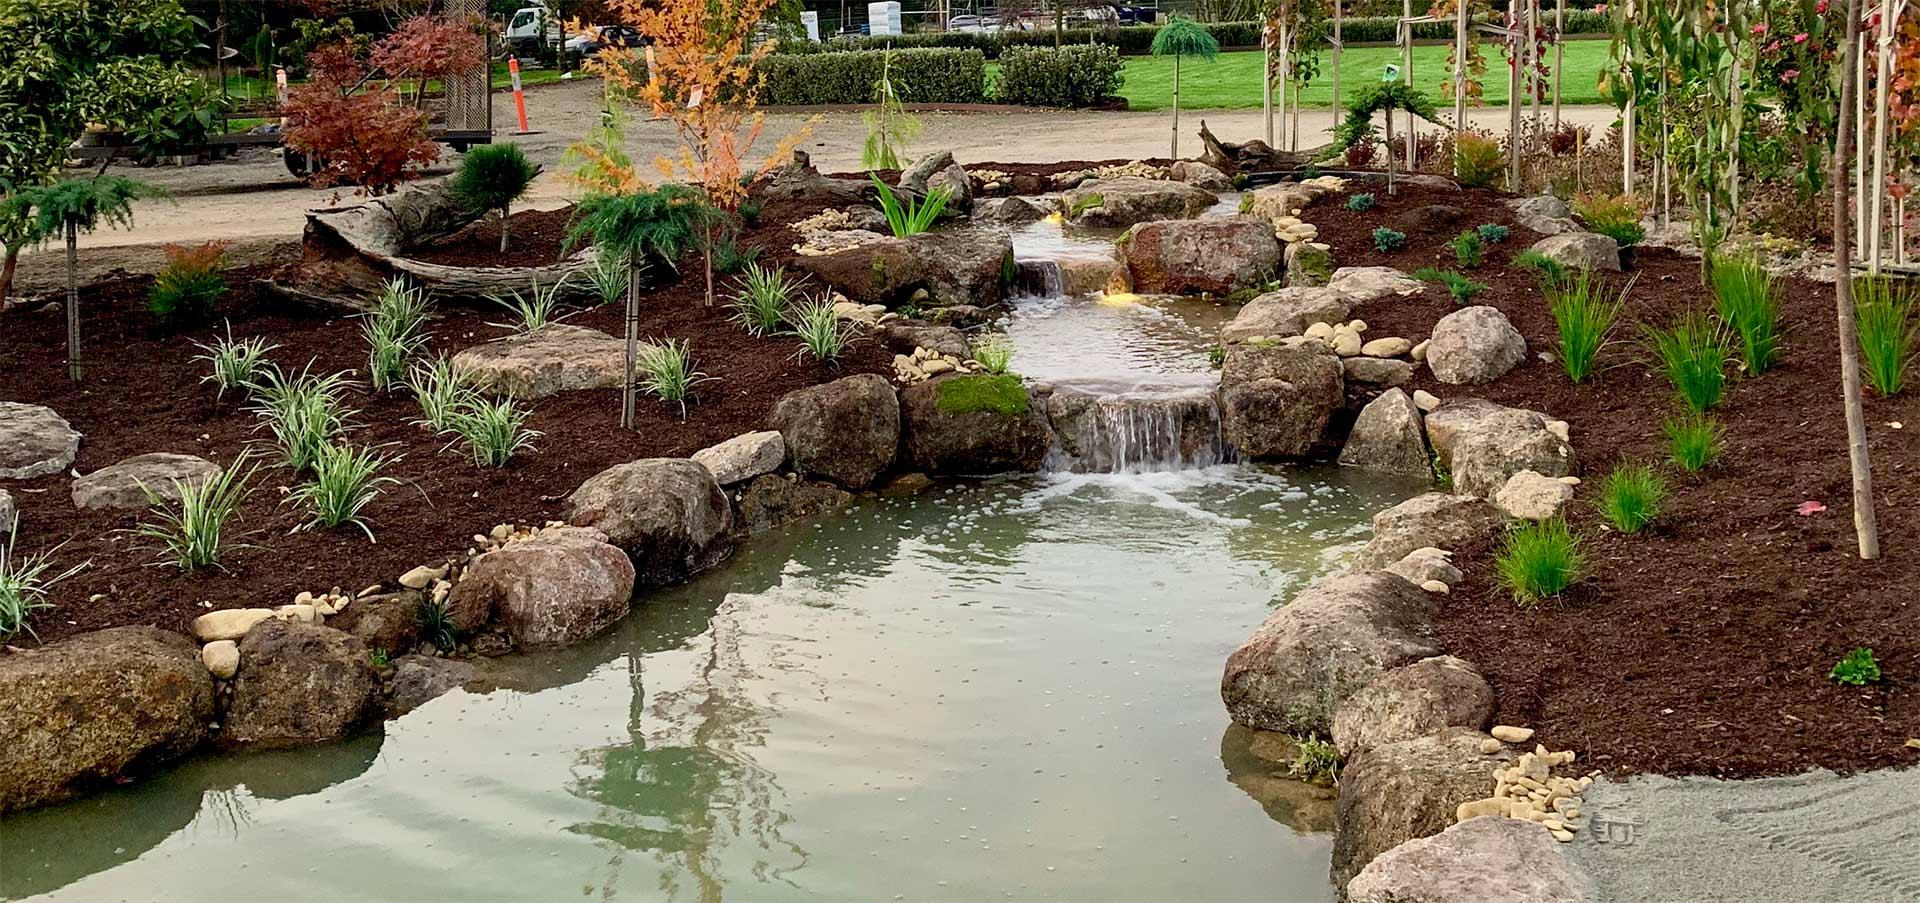 Garden pond 1920